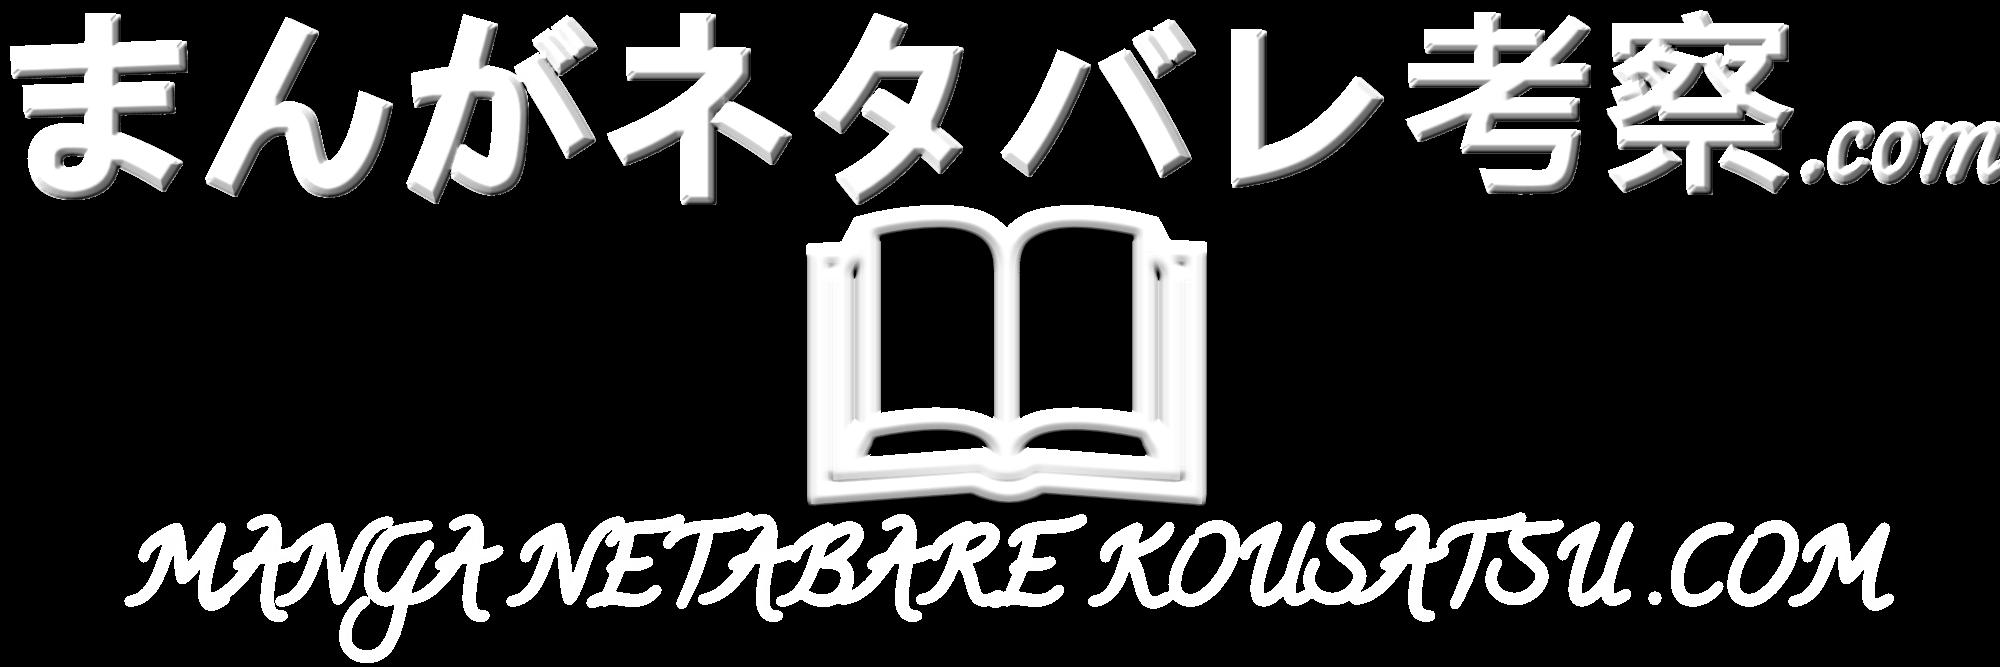 まんがネタバレ考察.com